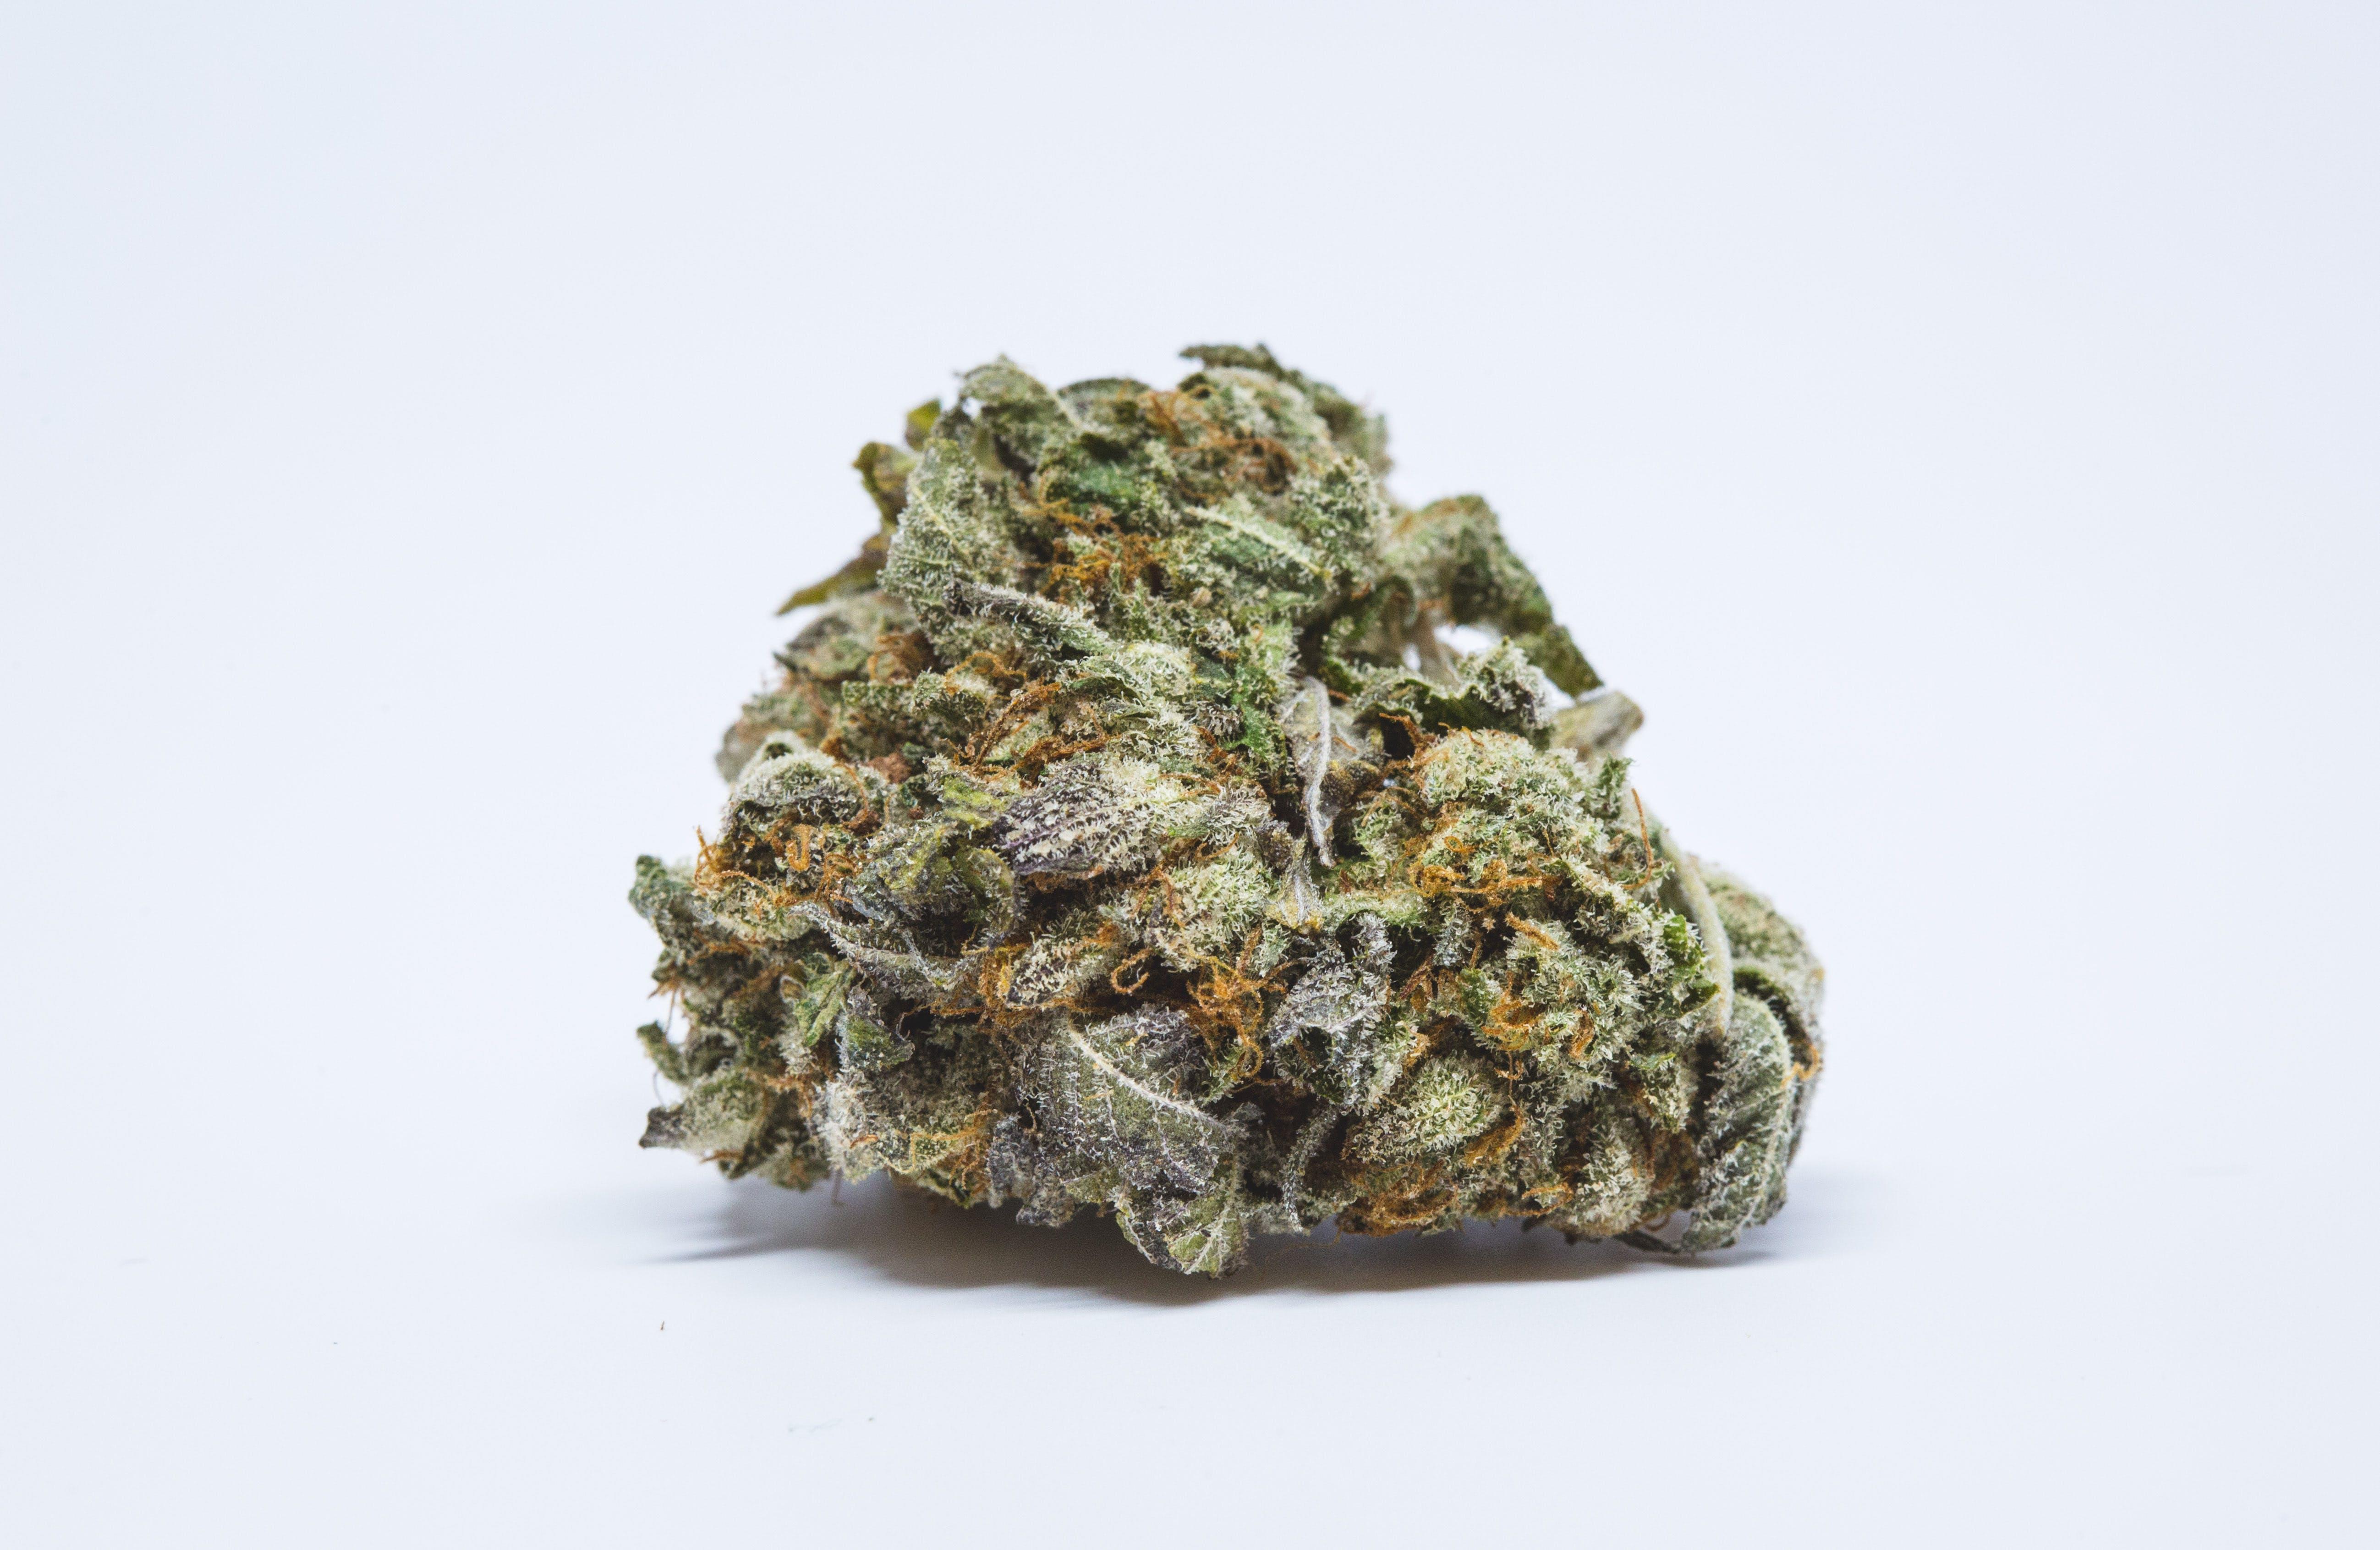 8 Ball Kush Weed; b Ball Kush Cannabis Strain; 8 Ball Kush Indica Marijuana Strain